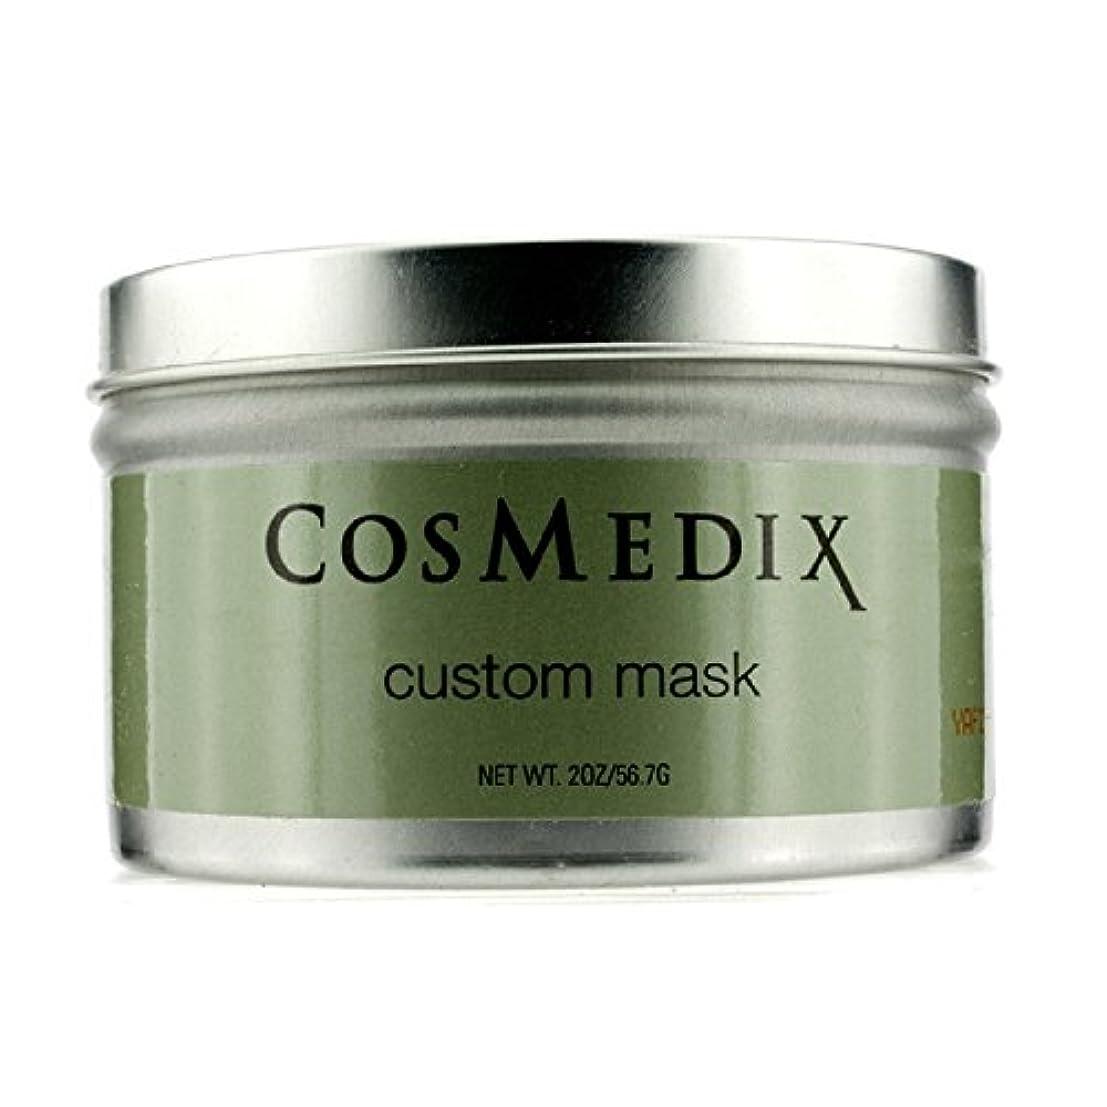 いう慣性無関心コスメディックス カスタムマスク (サロン製品) 56.7g/2oz並行輸入品